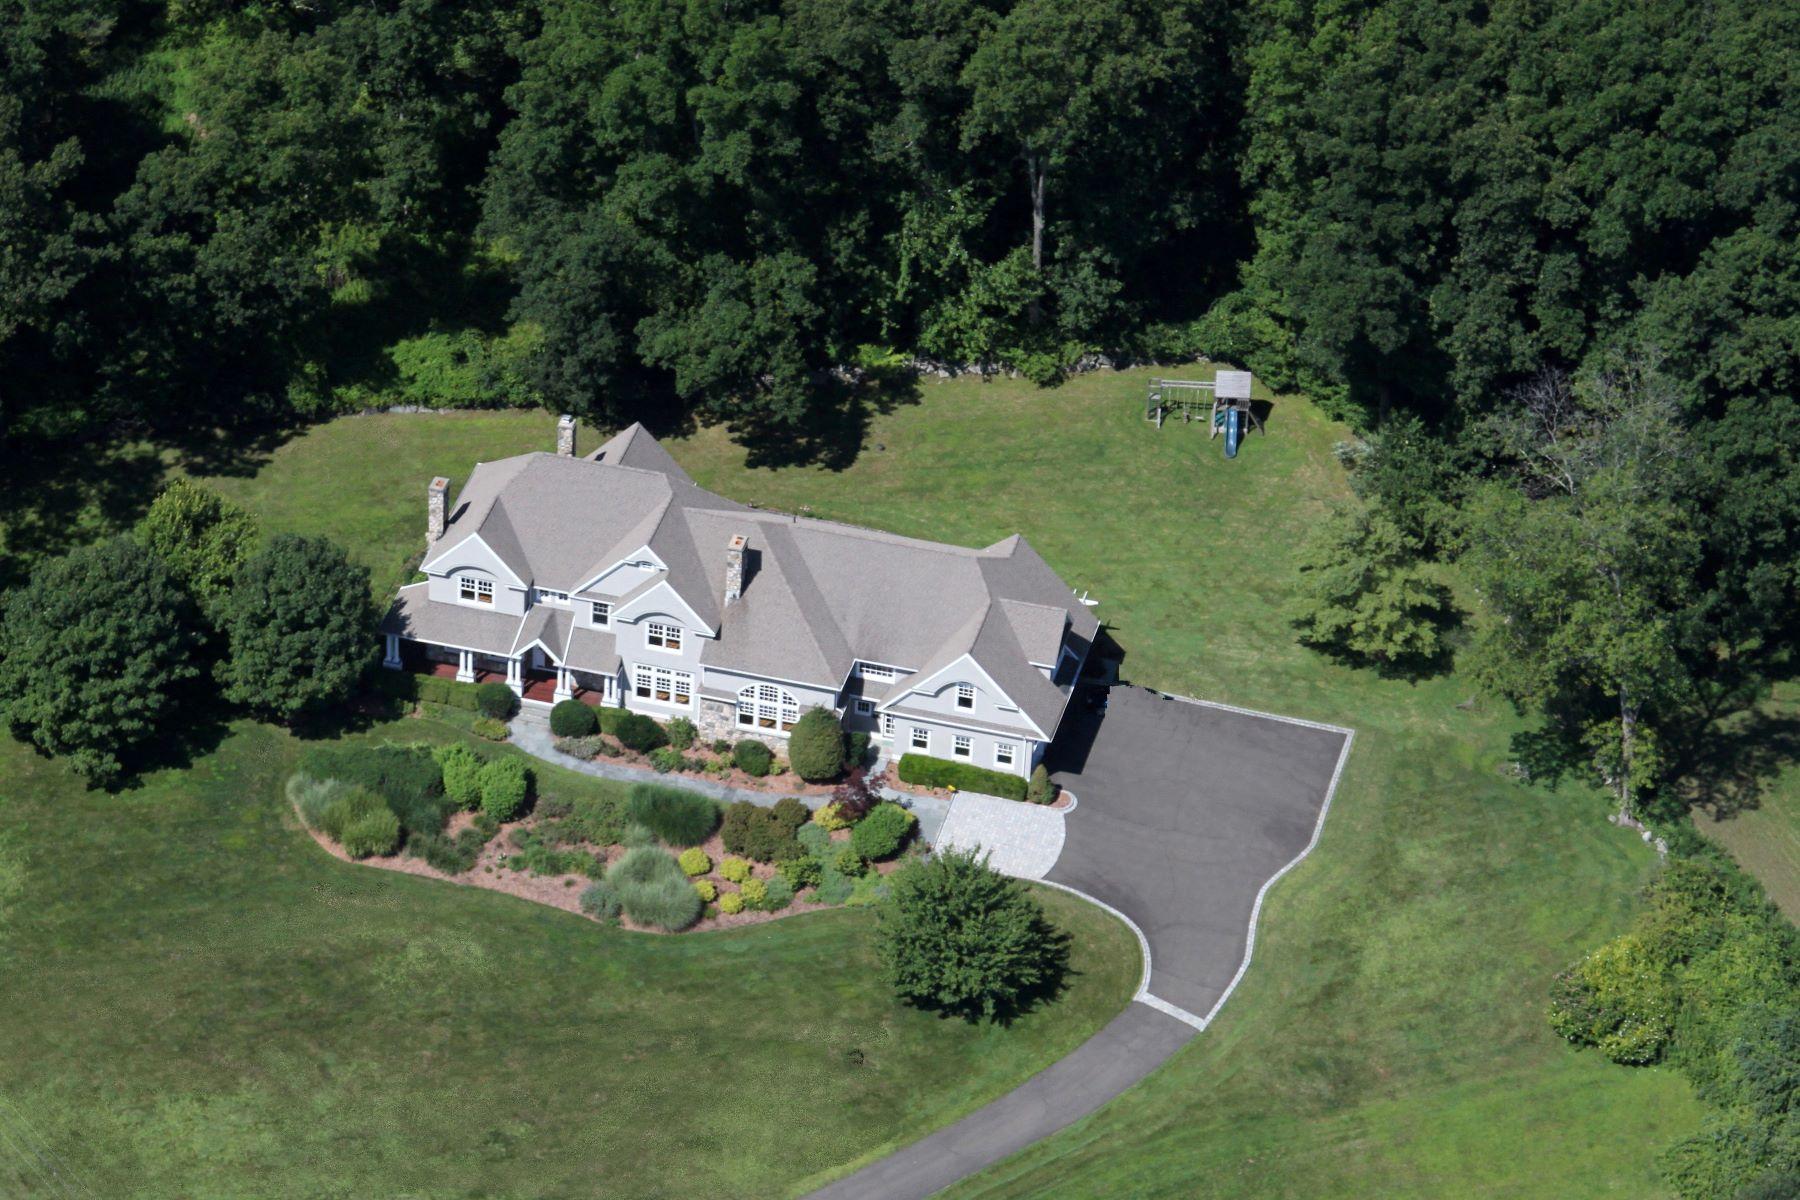 Частный односемейный дом для того Аренда на 125 Nod Hill Road Wilton, Коннектикут, 06897 Соединенные Штаты